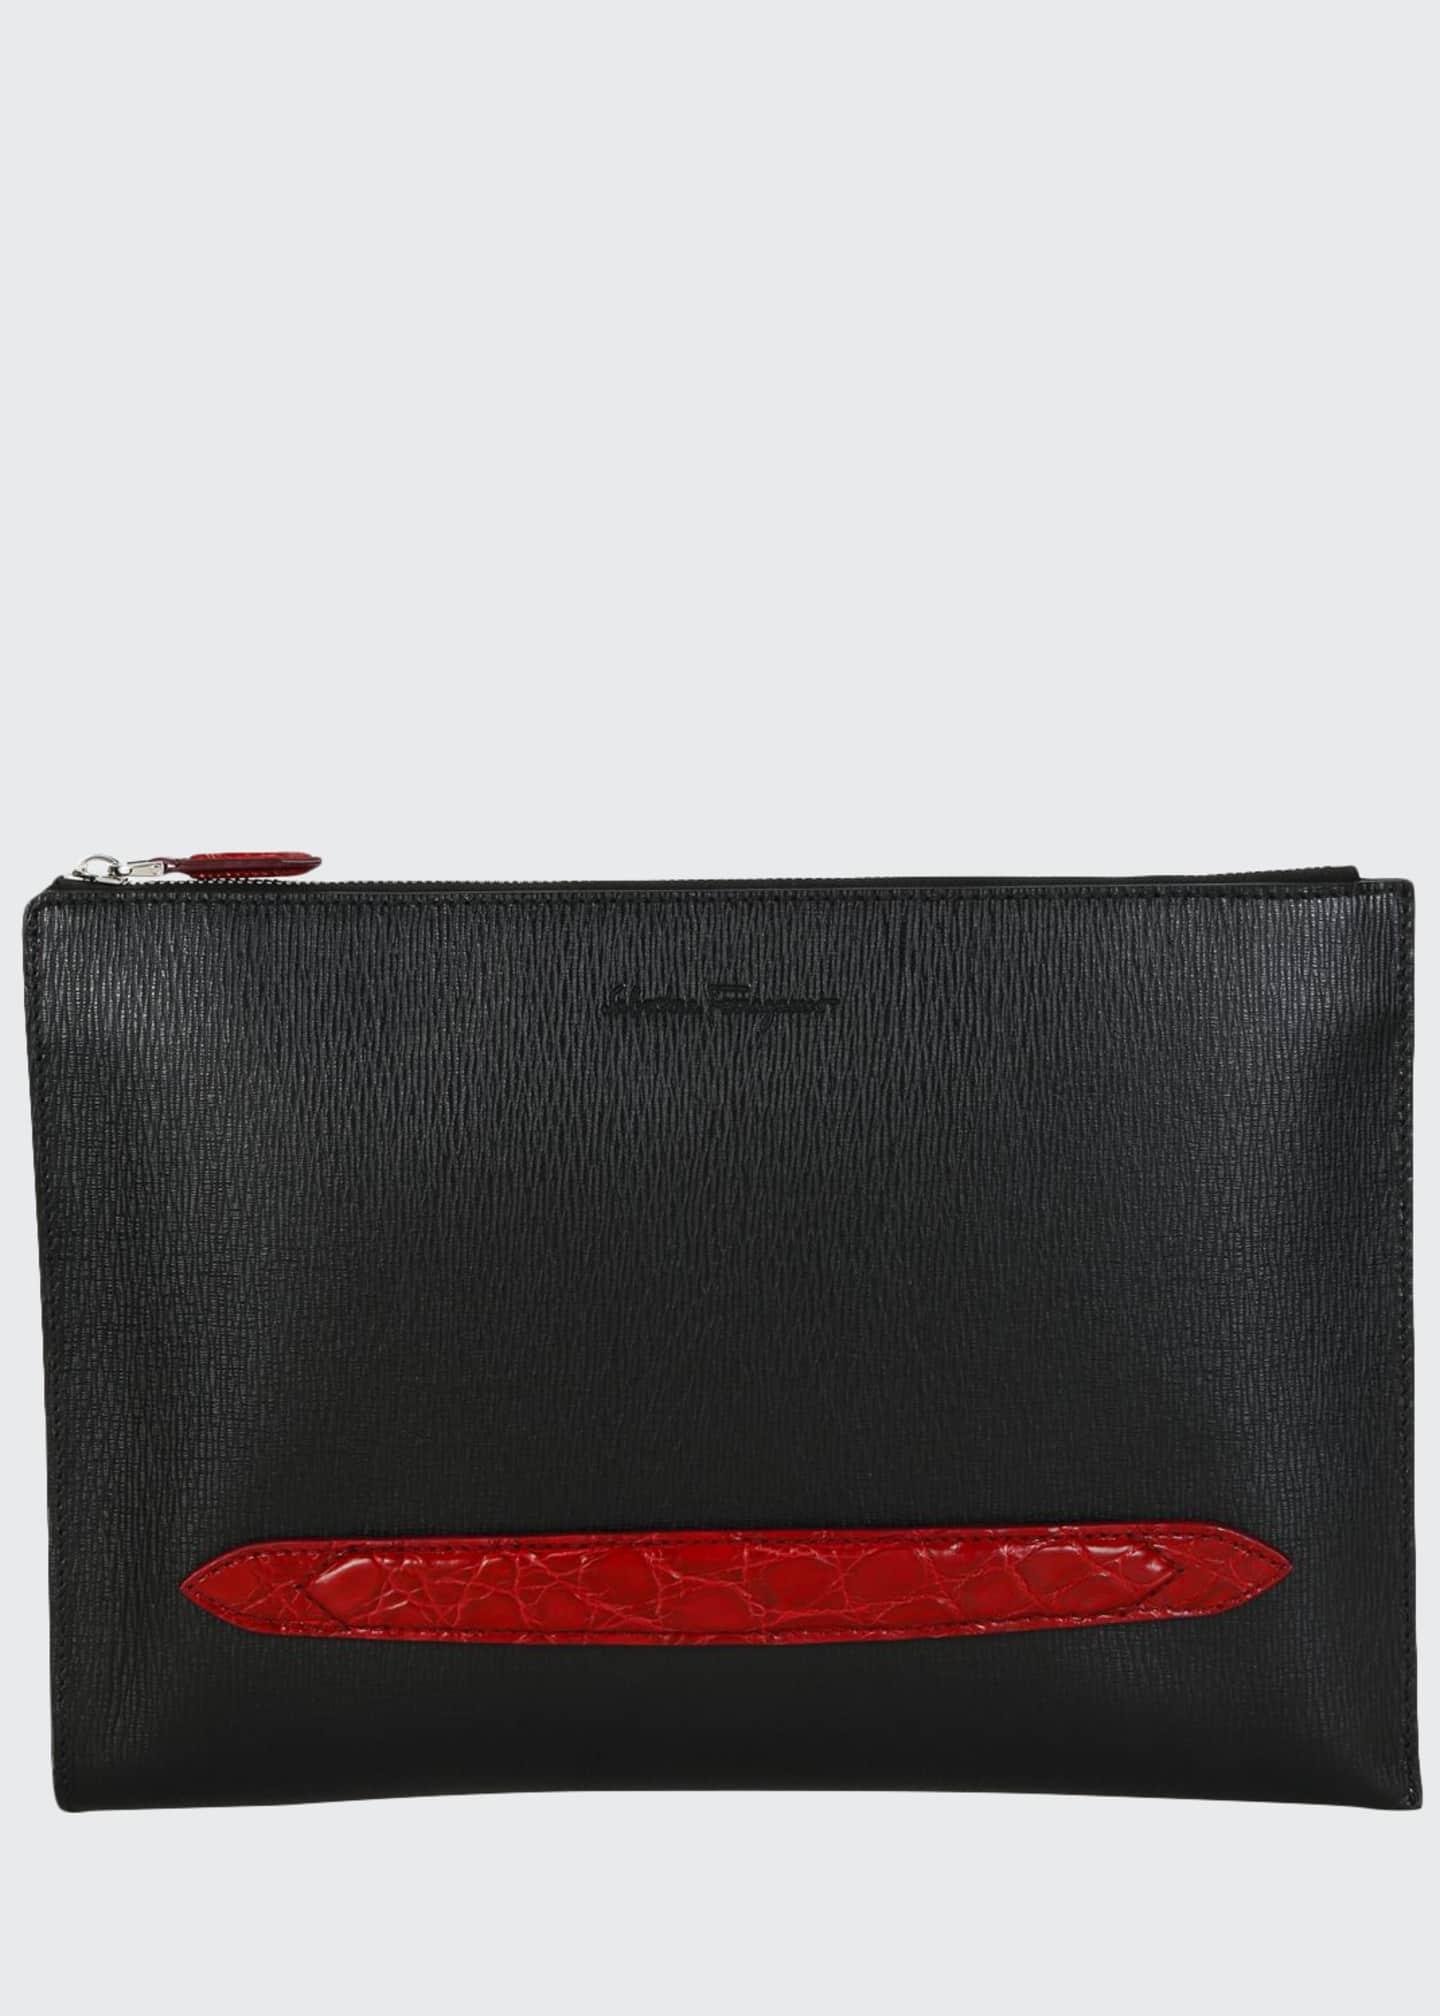 Salvatore Ferragamo Men's Crocodile Revival Textured Leather